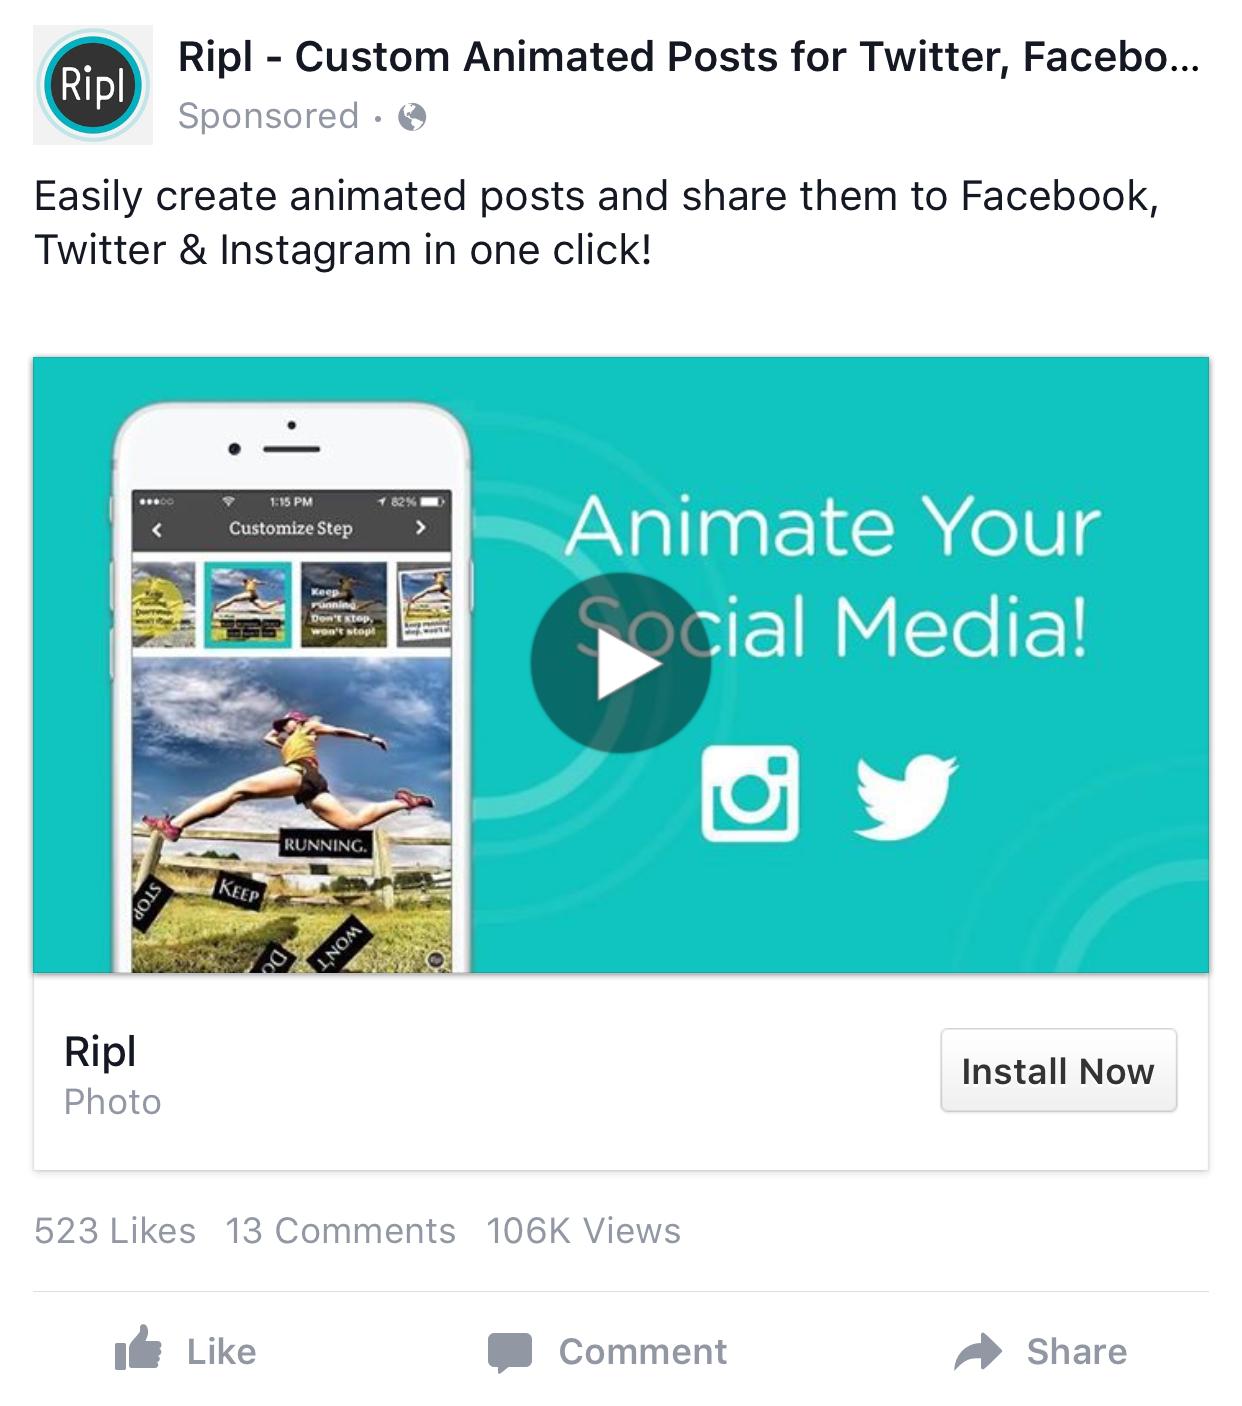 Facebook App Install Ad Examples | Facebook App Install Ad Examples